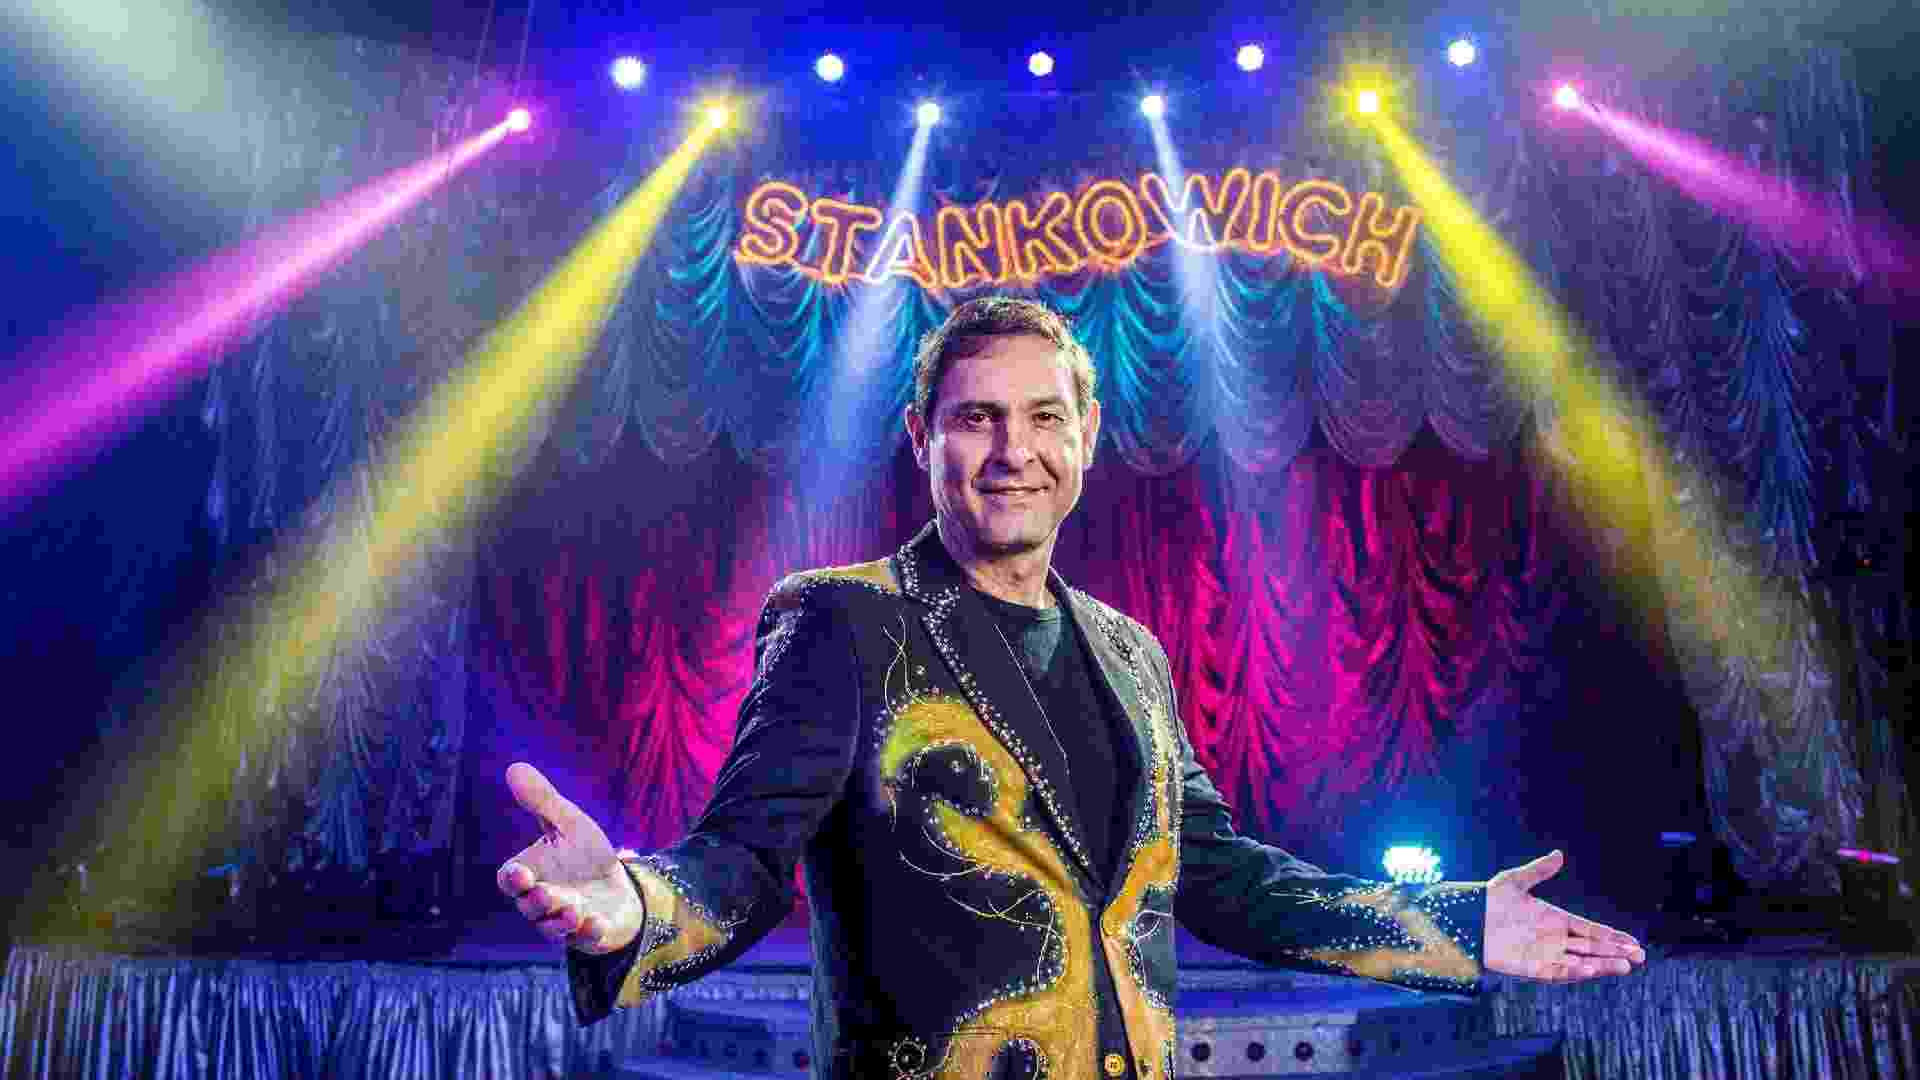 20.jan.2016 - Marlon Stankowich junto com o irmão Márcio fazem parte da sexta geração de artistas circenses no comando das duas unidades do circo Stankowich - Ricardo Matsukawa/UOL